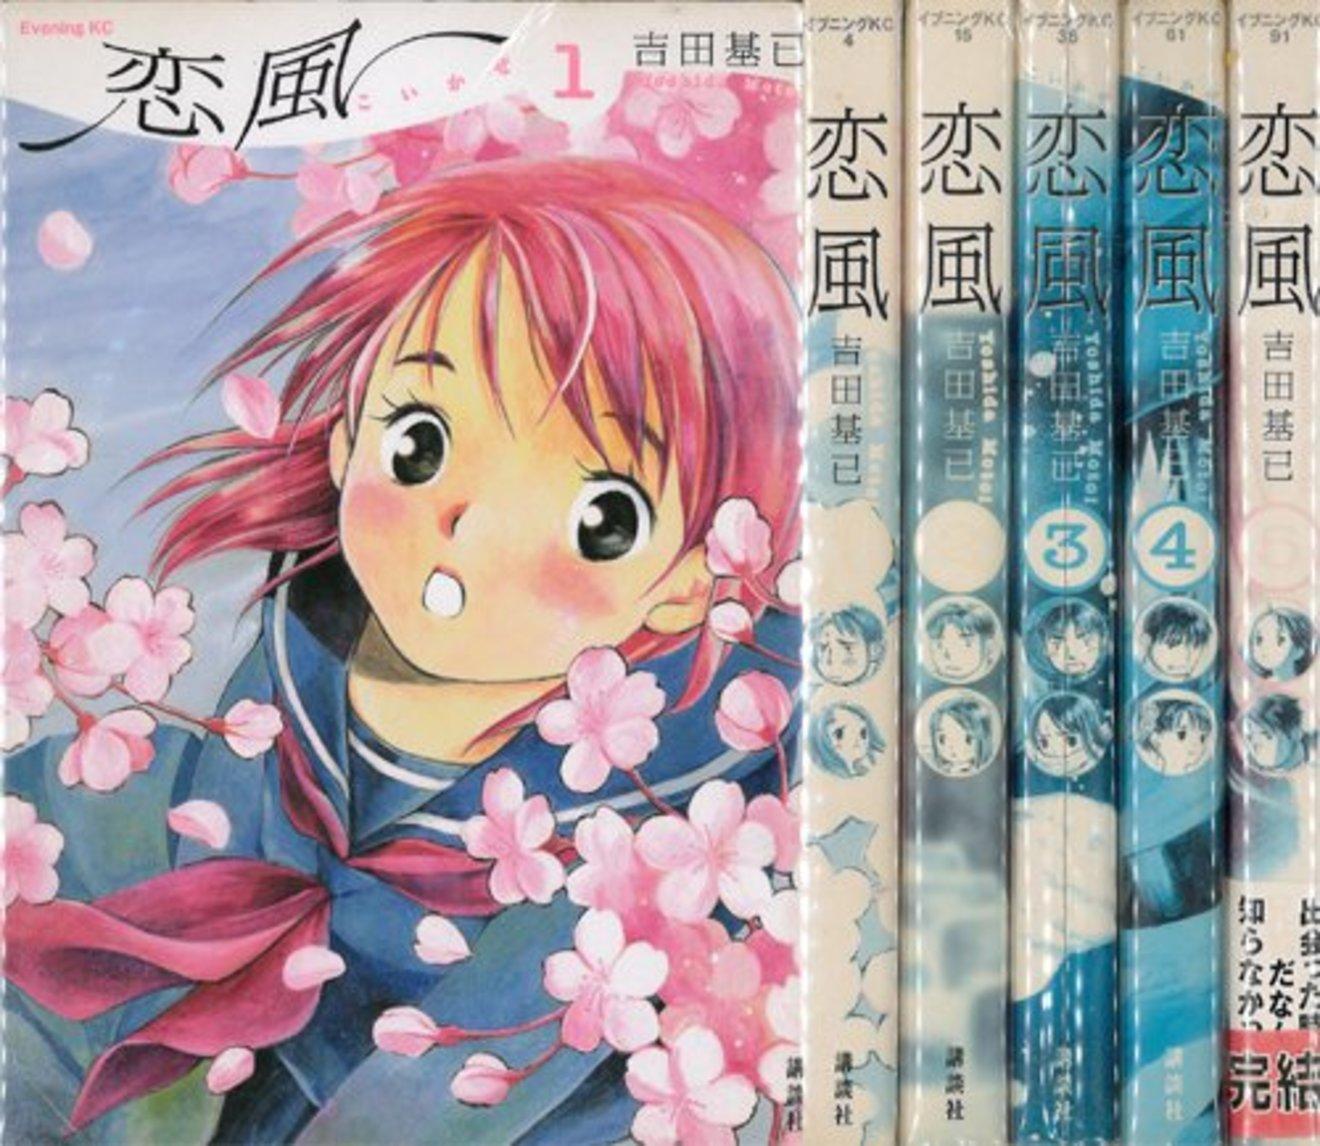 吉田基已おすすめ漫画ランキングベスト4!2位は『恋風』。1位は?